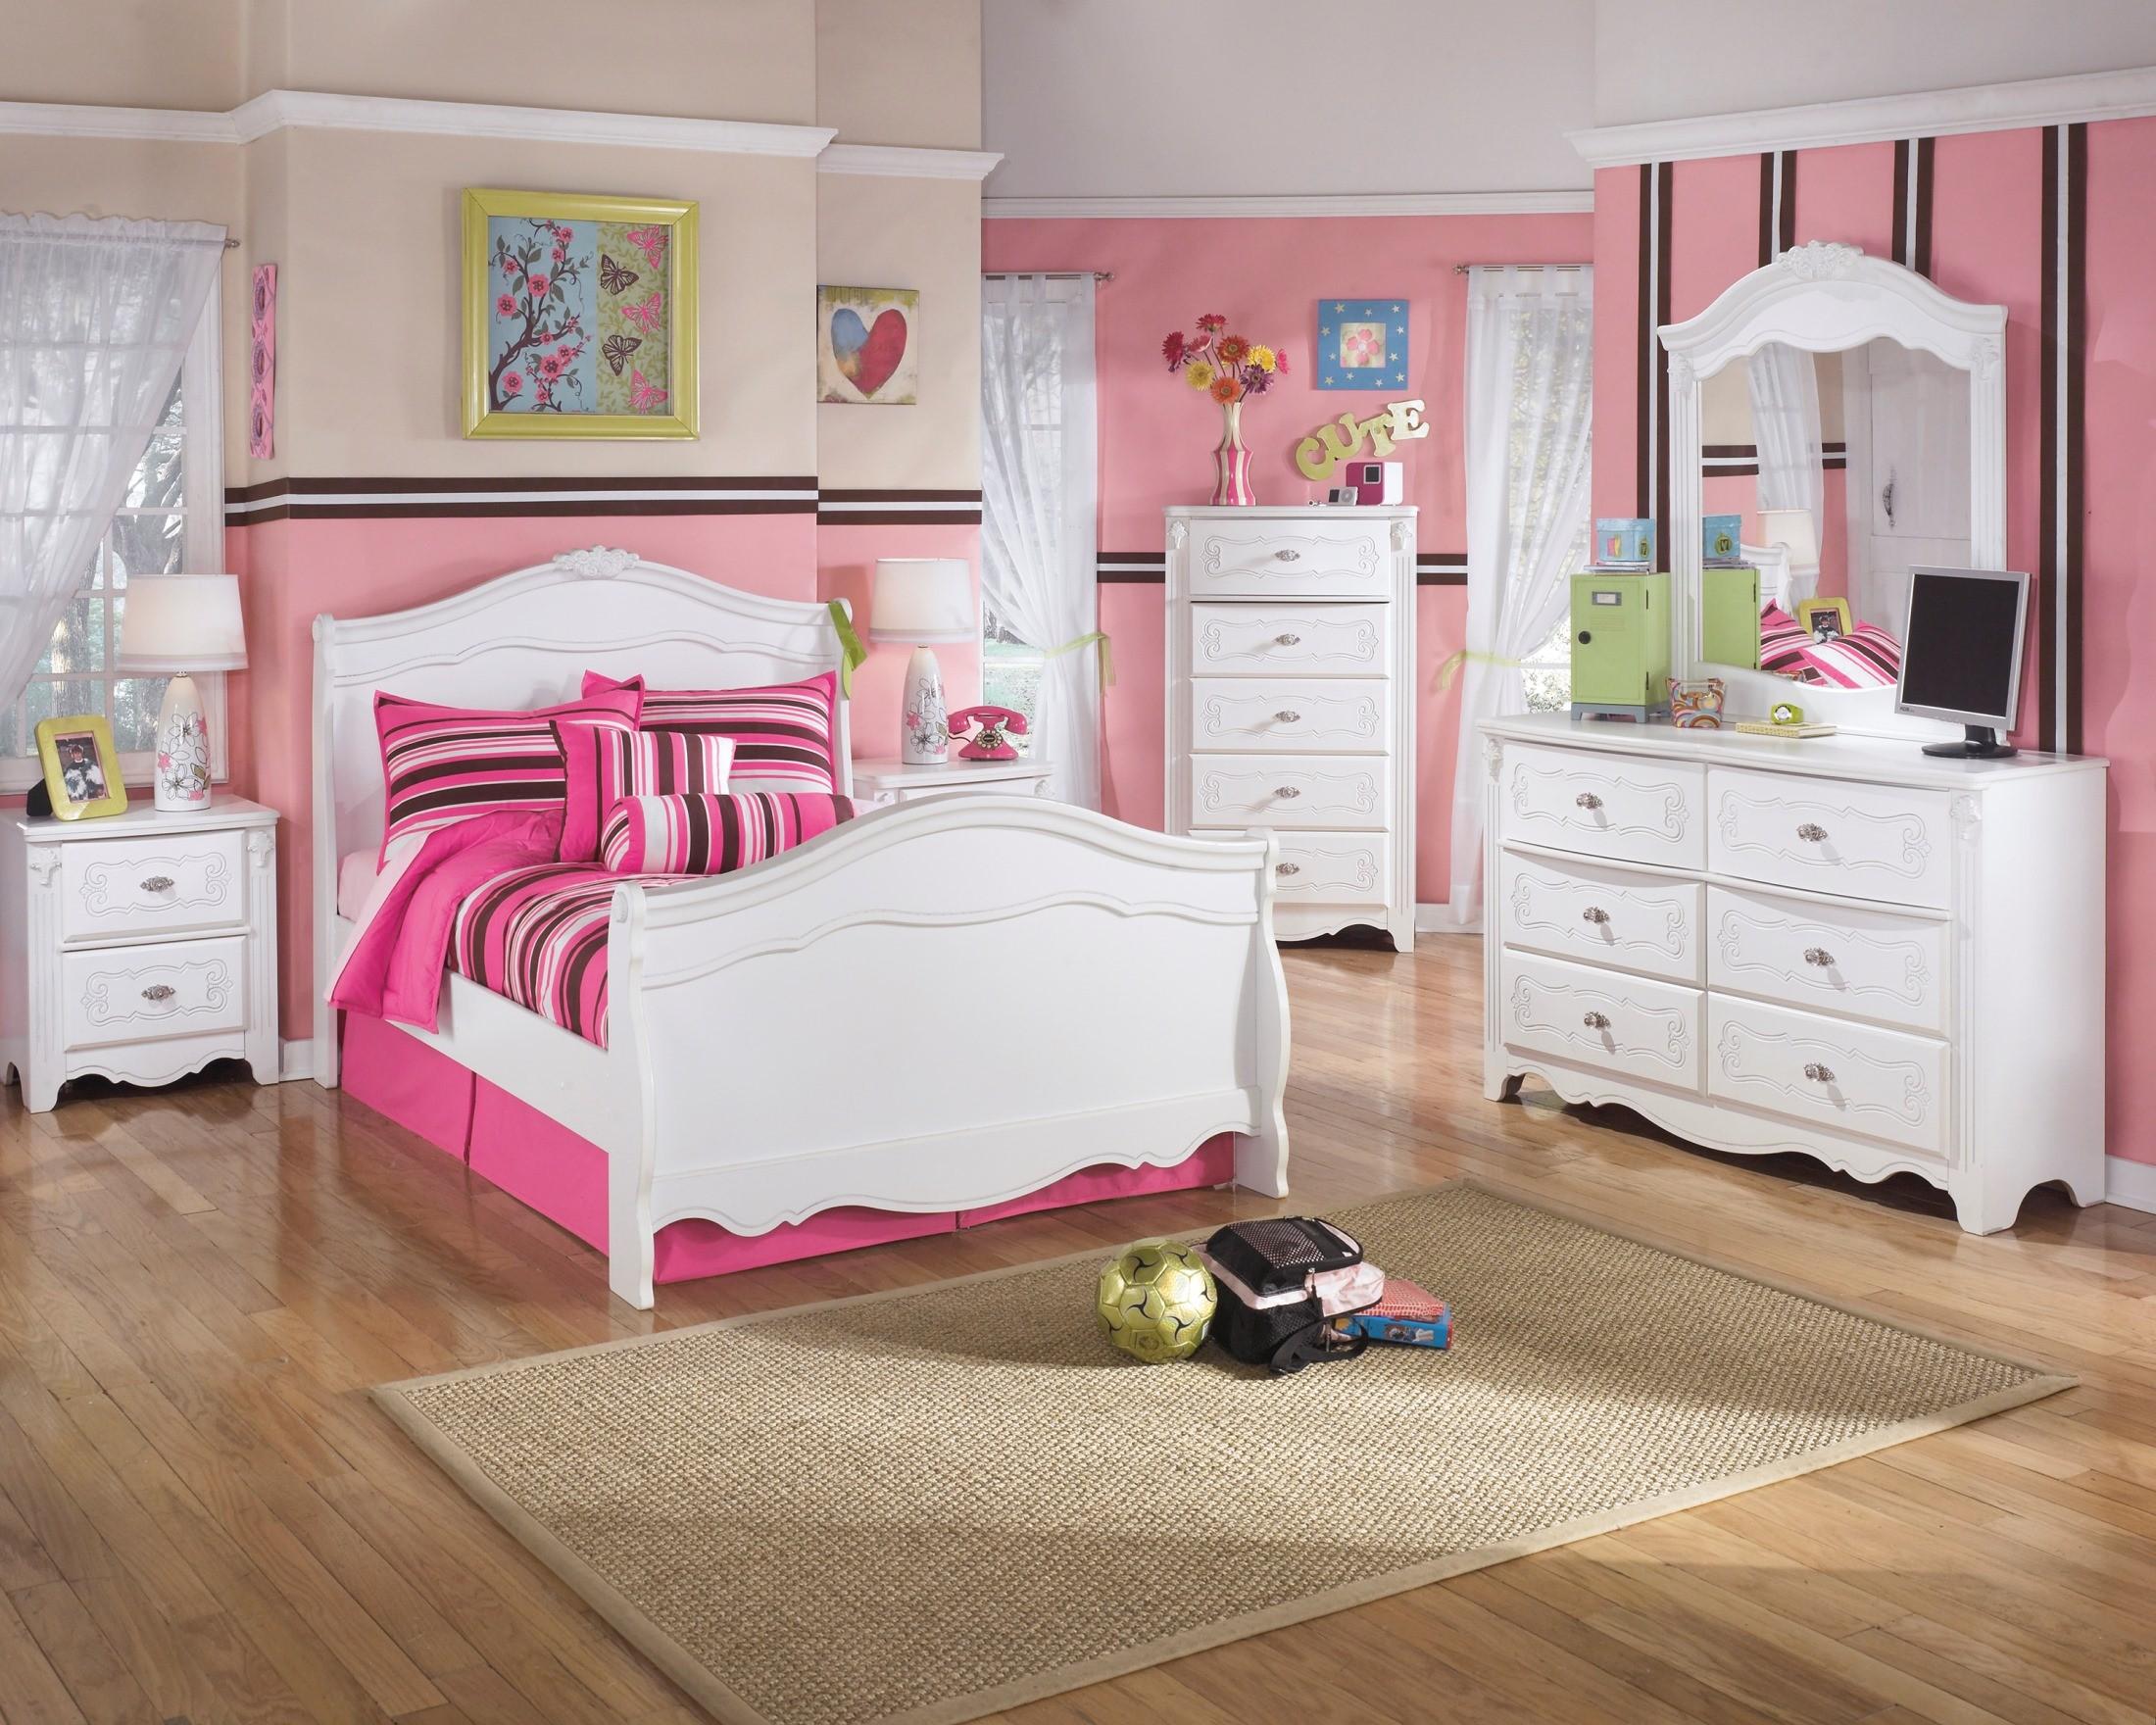 Sleigh Bedroom Furniture Sets Huey Vineyard Sleigh Bedroom Set Ridgley Bedroom Furniture